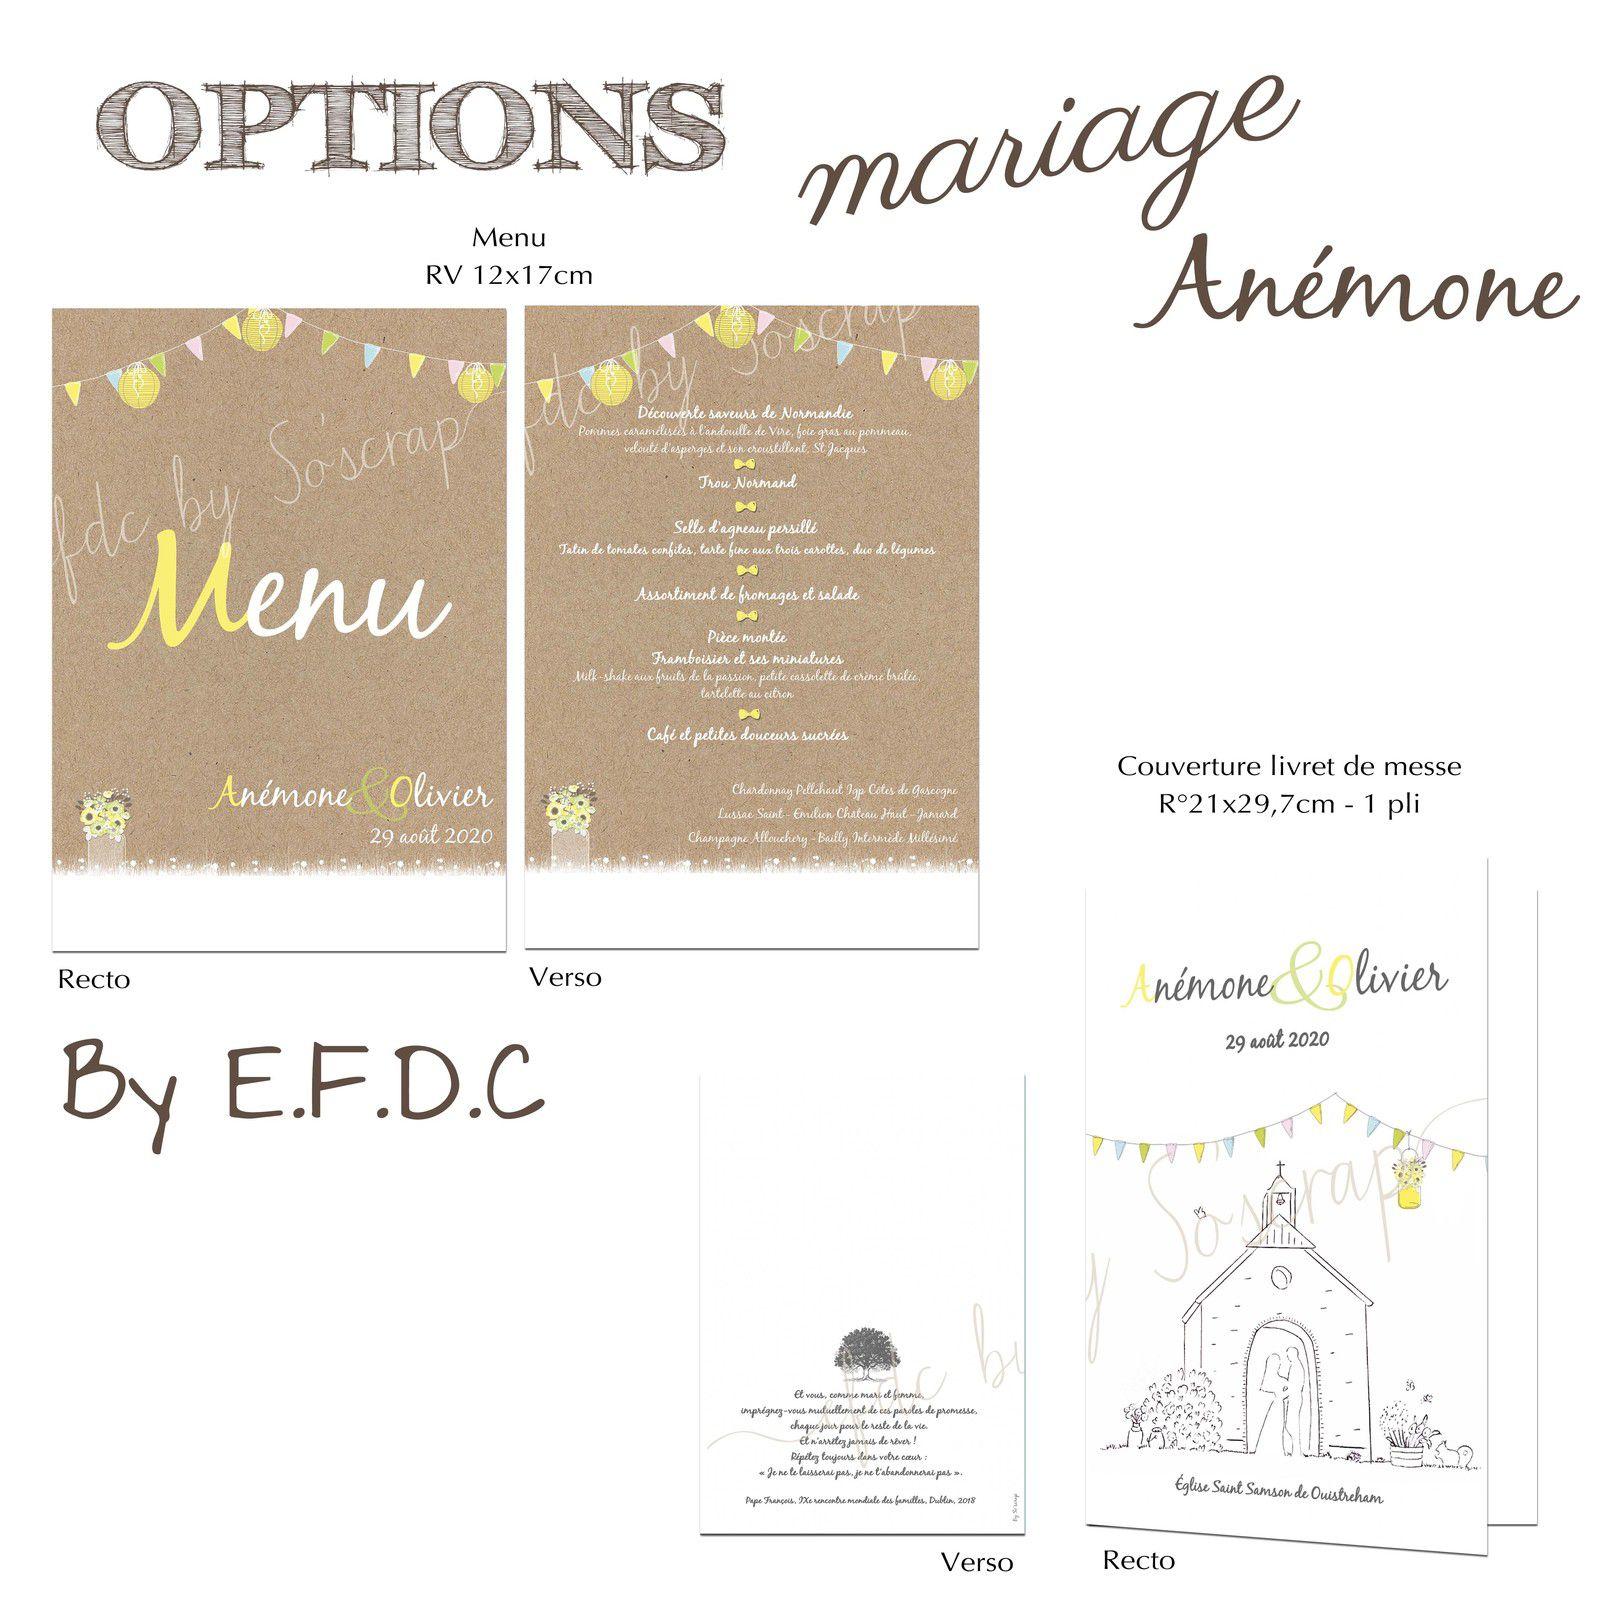 options mariage menus RV et couverture de livret de messe personnalisé (dessin cliente) #efdcbysoscrap